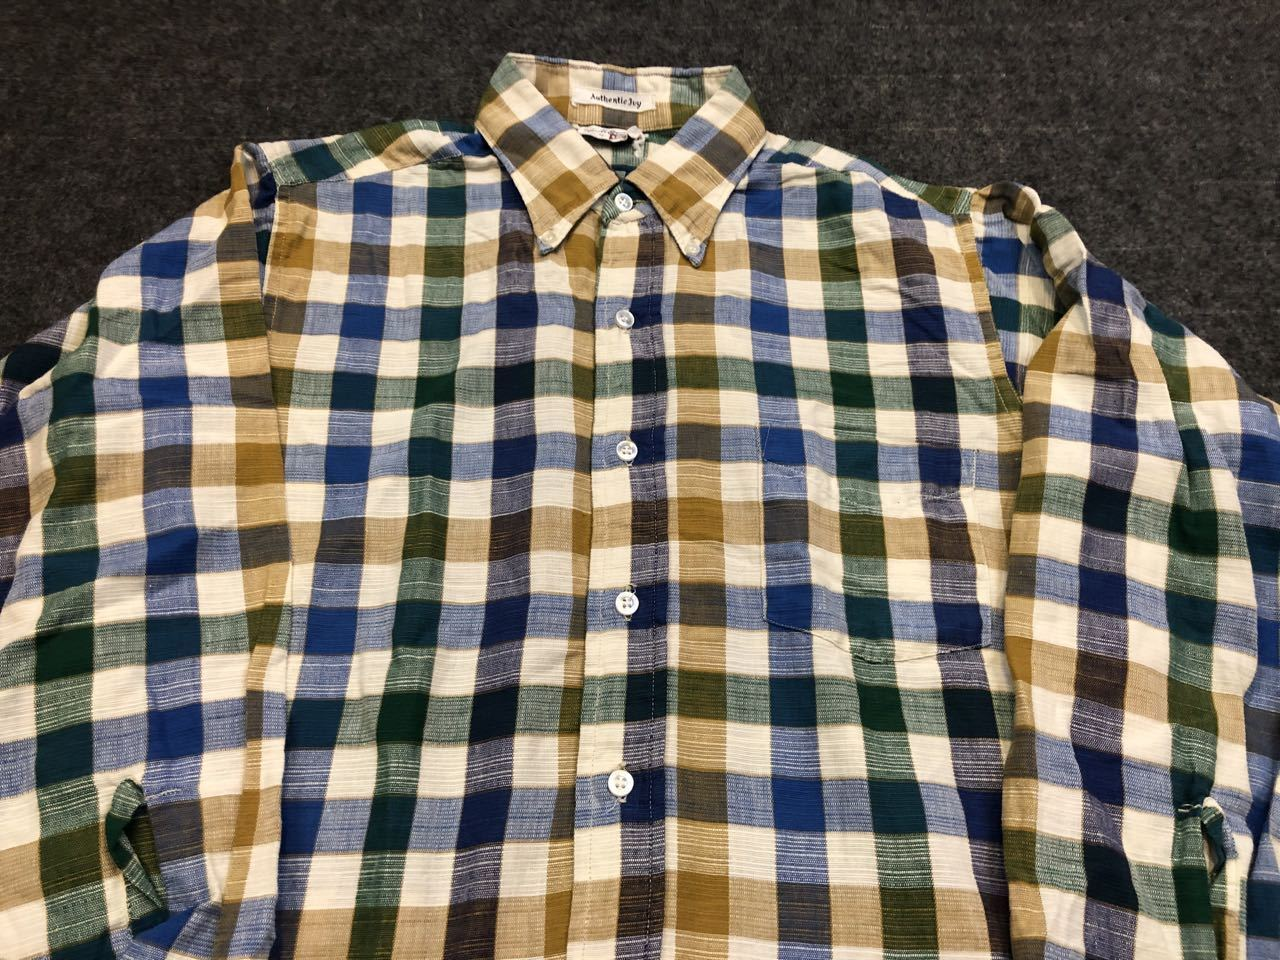 アメリカ仕入れ情報#30 3/14入荷!E&W Authentic IVY  B.D shirts!_c0144020_14133087.jpg